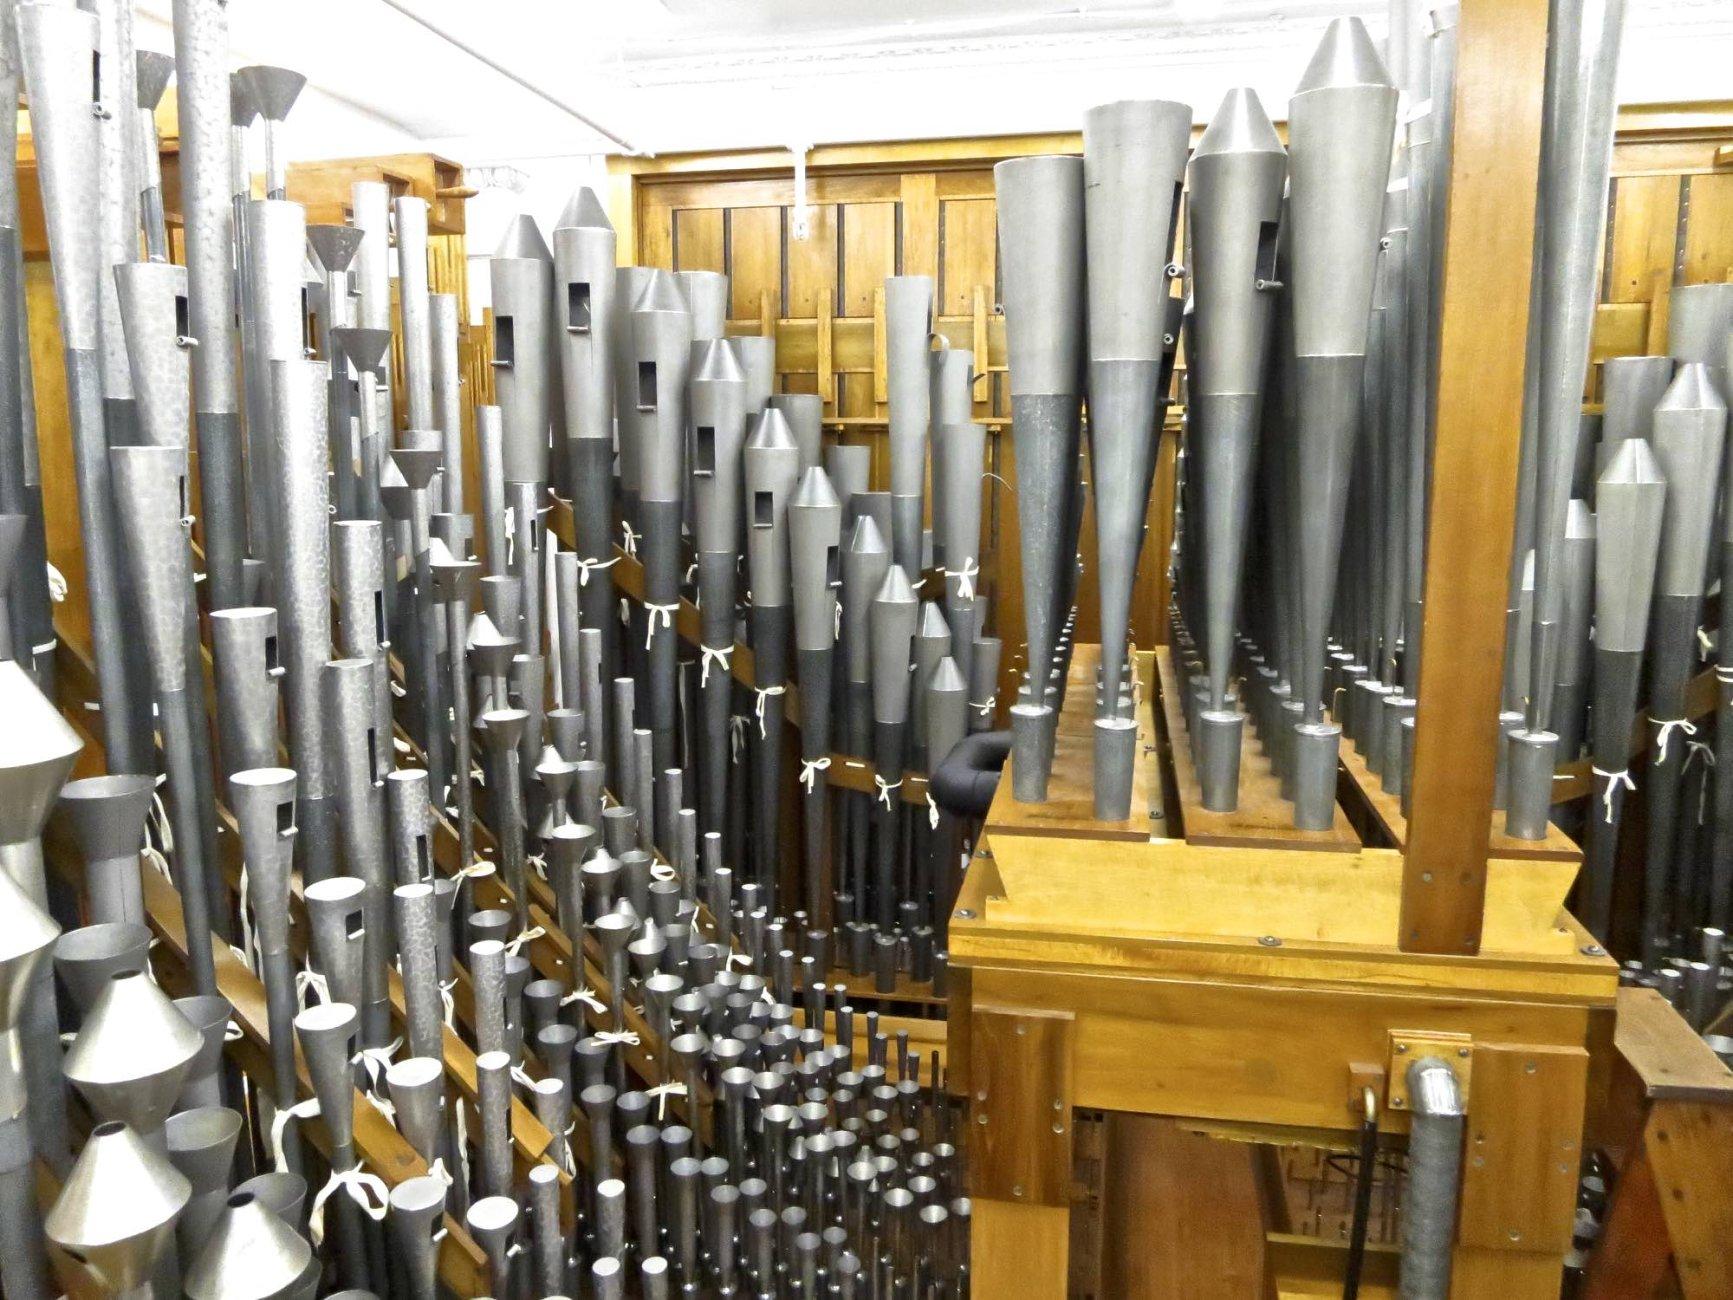 The Wanamaker Organ #6